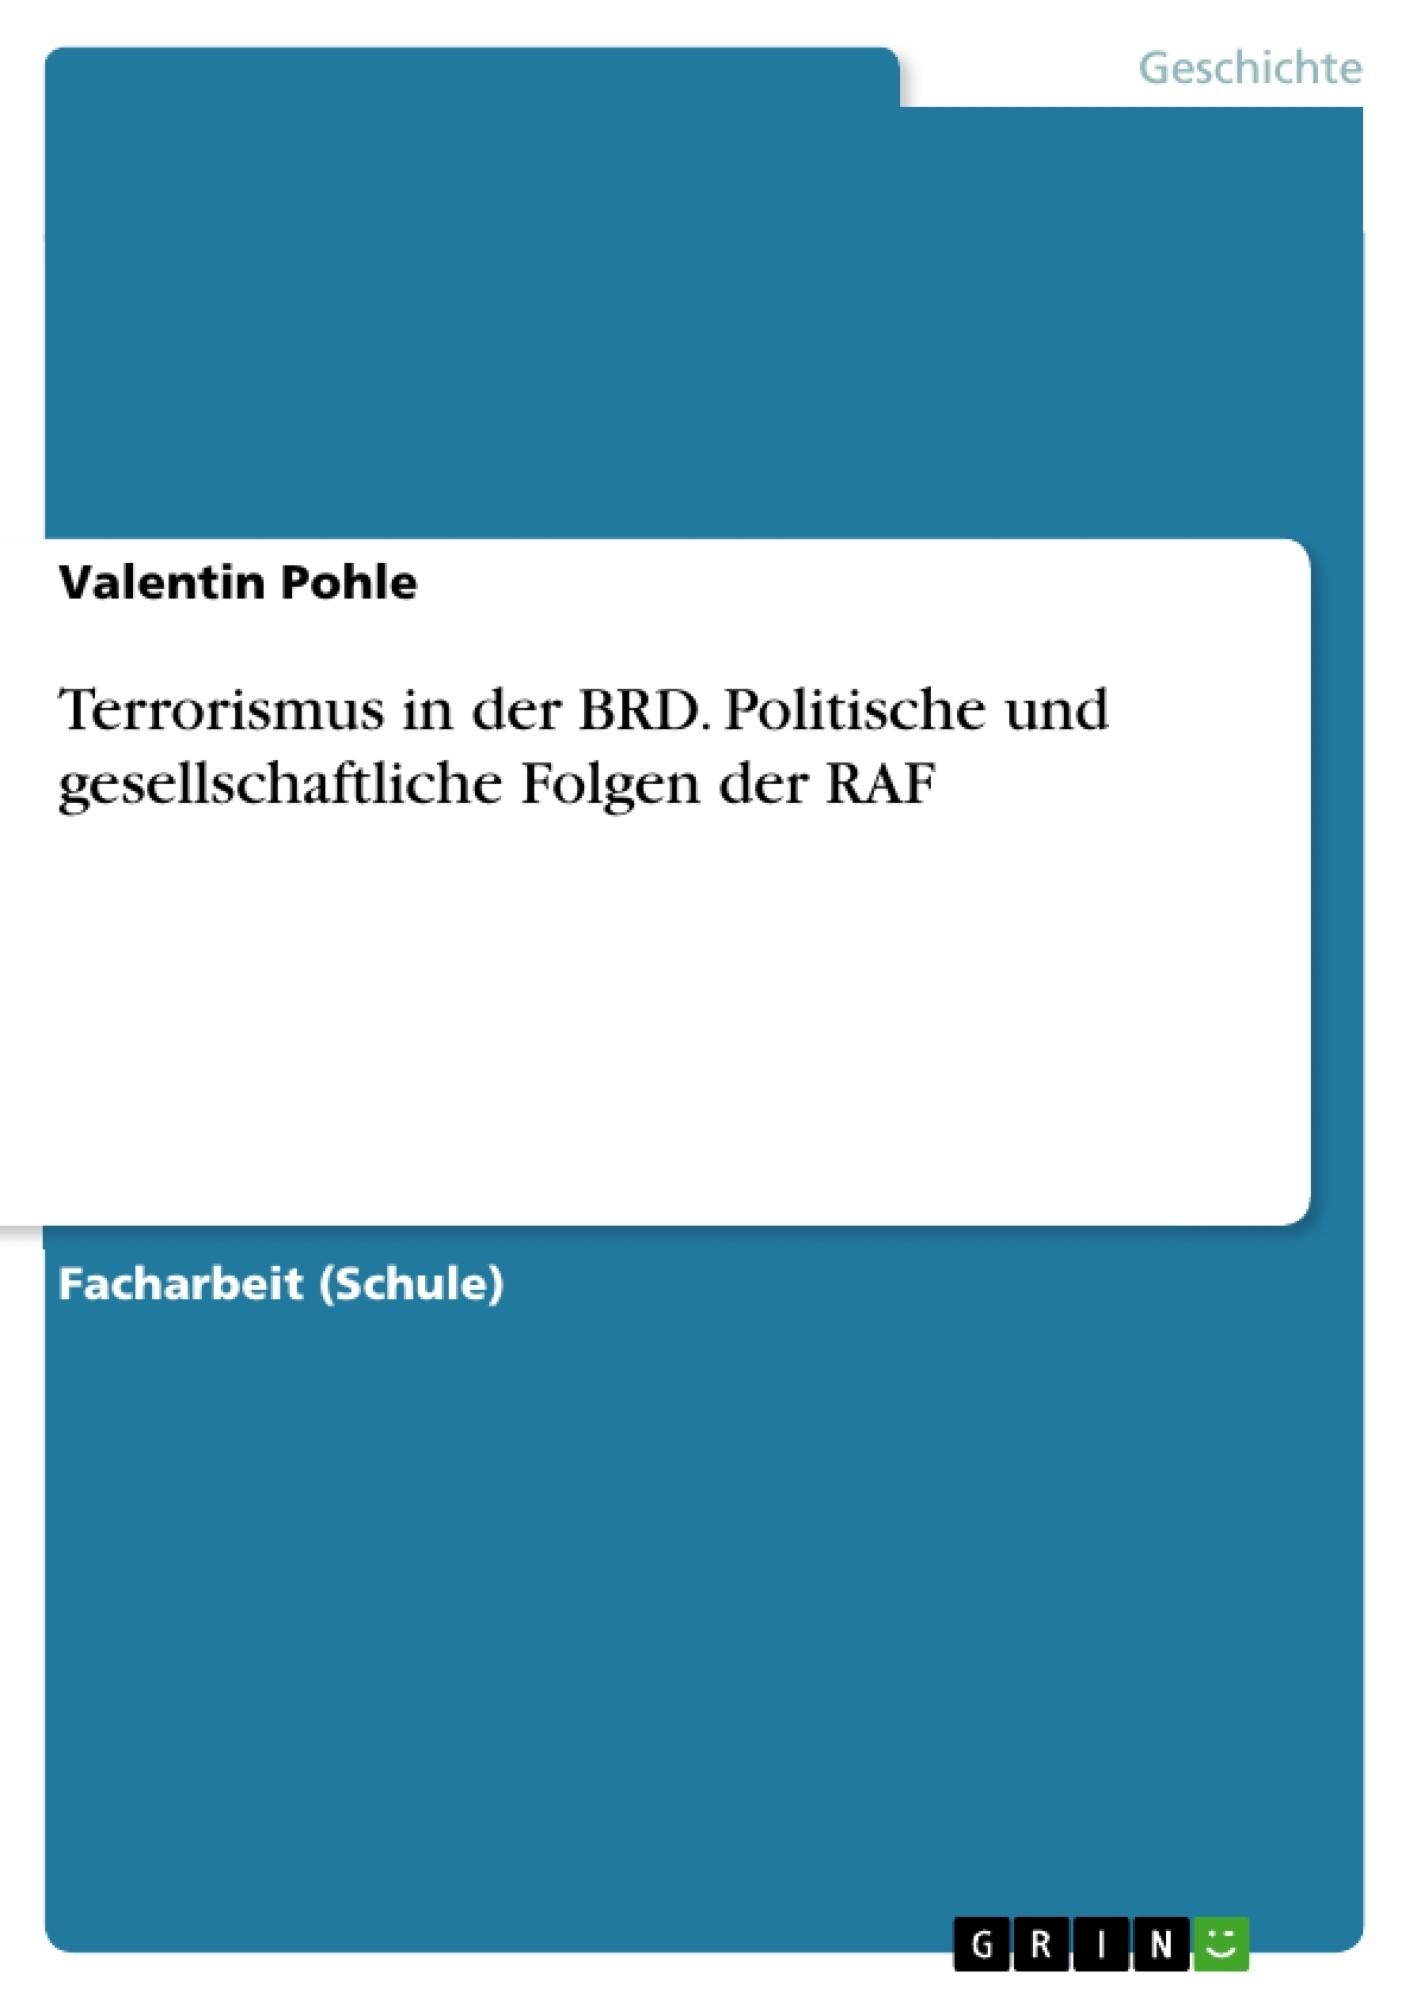 Titel: Terrorismus in der BRD. Politische und gesellschaftliche Folgen der RAF